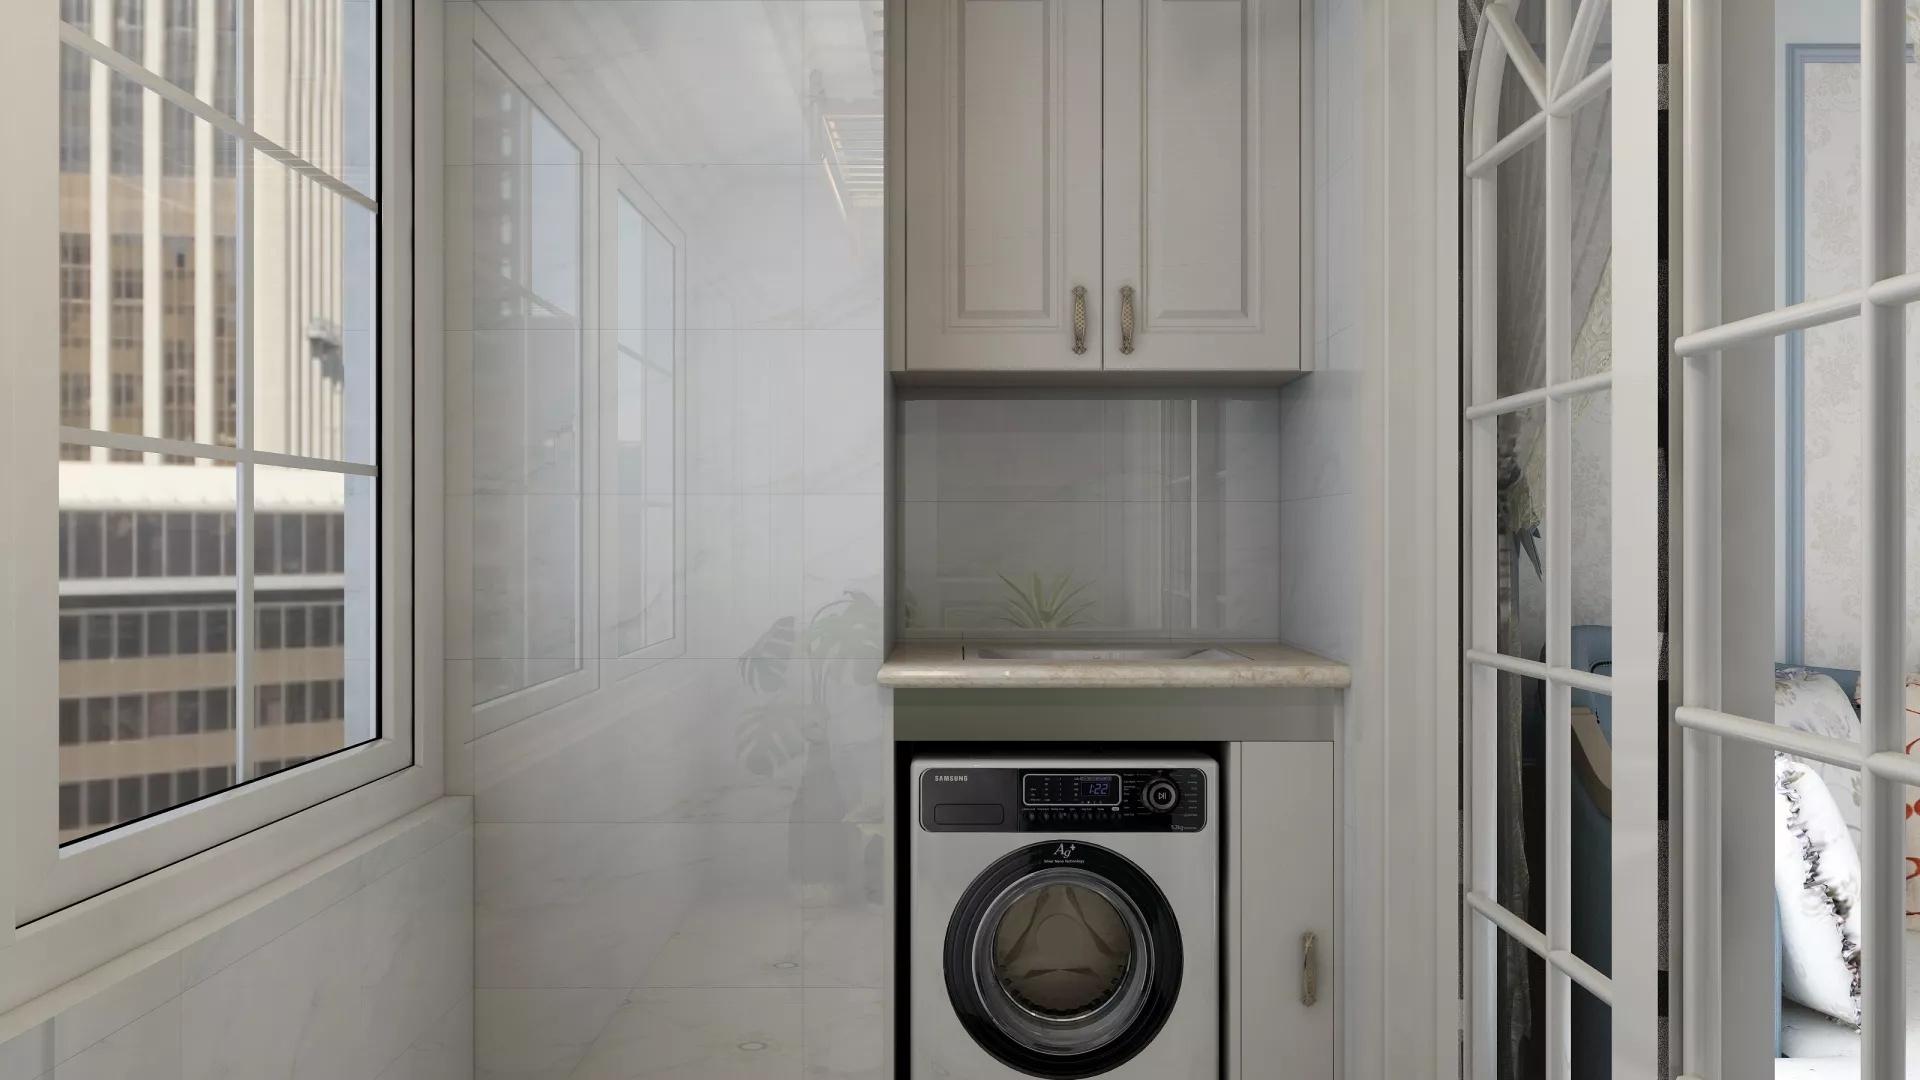 89㎡北欧风格现代家居三居室装修效果图